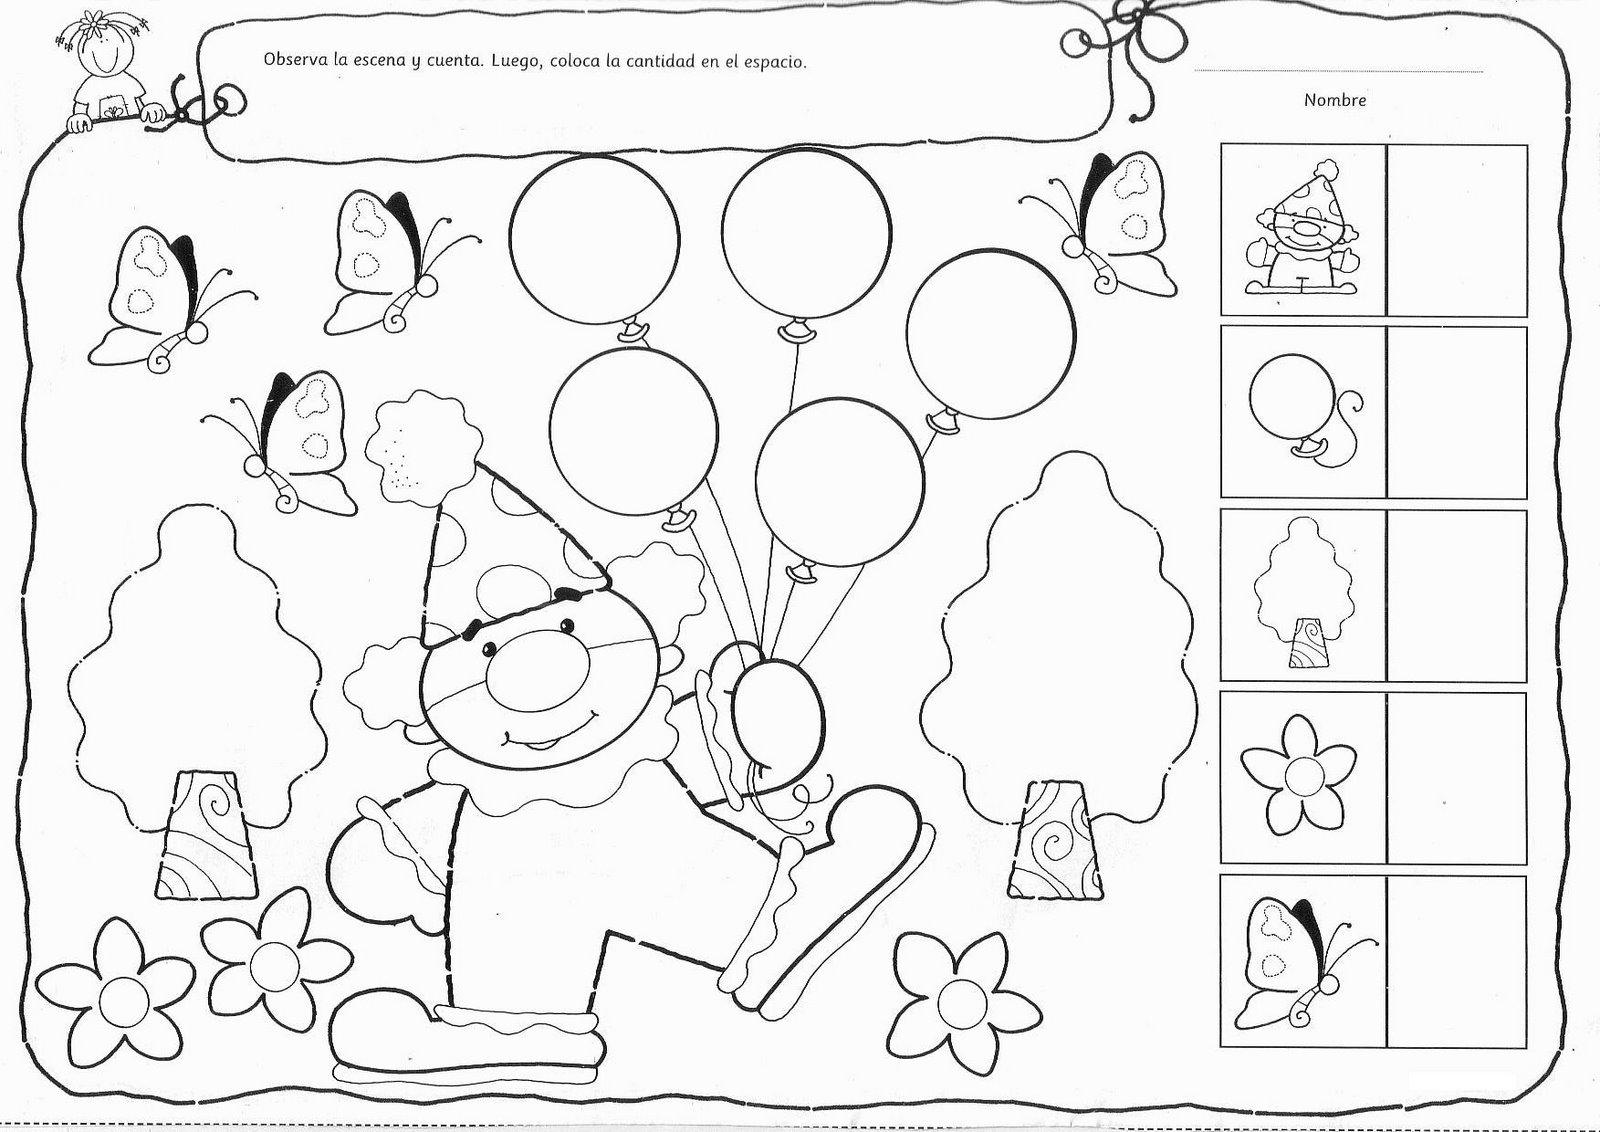 Famoso Lluvia De Páginas Para Colorear Regalo - Ideas Creativas para ...